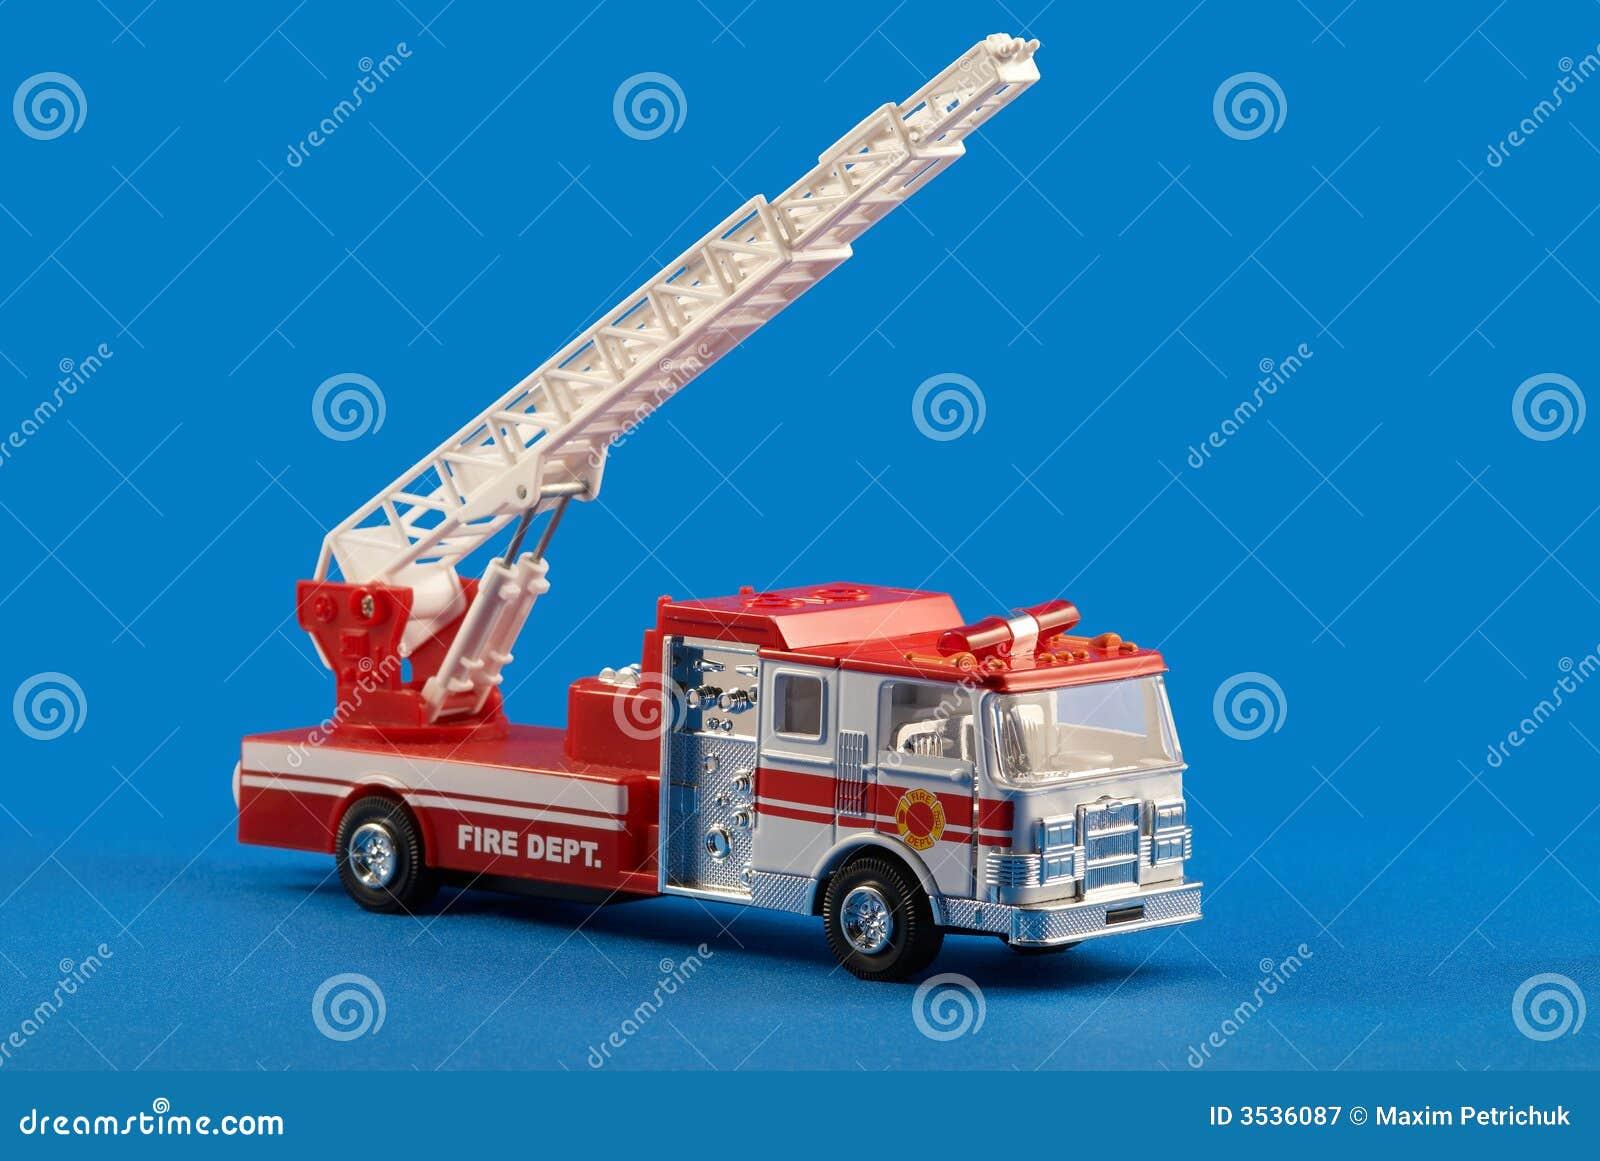 Jouet de véhicule de service d incendie